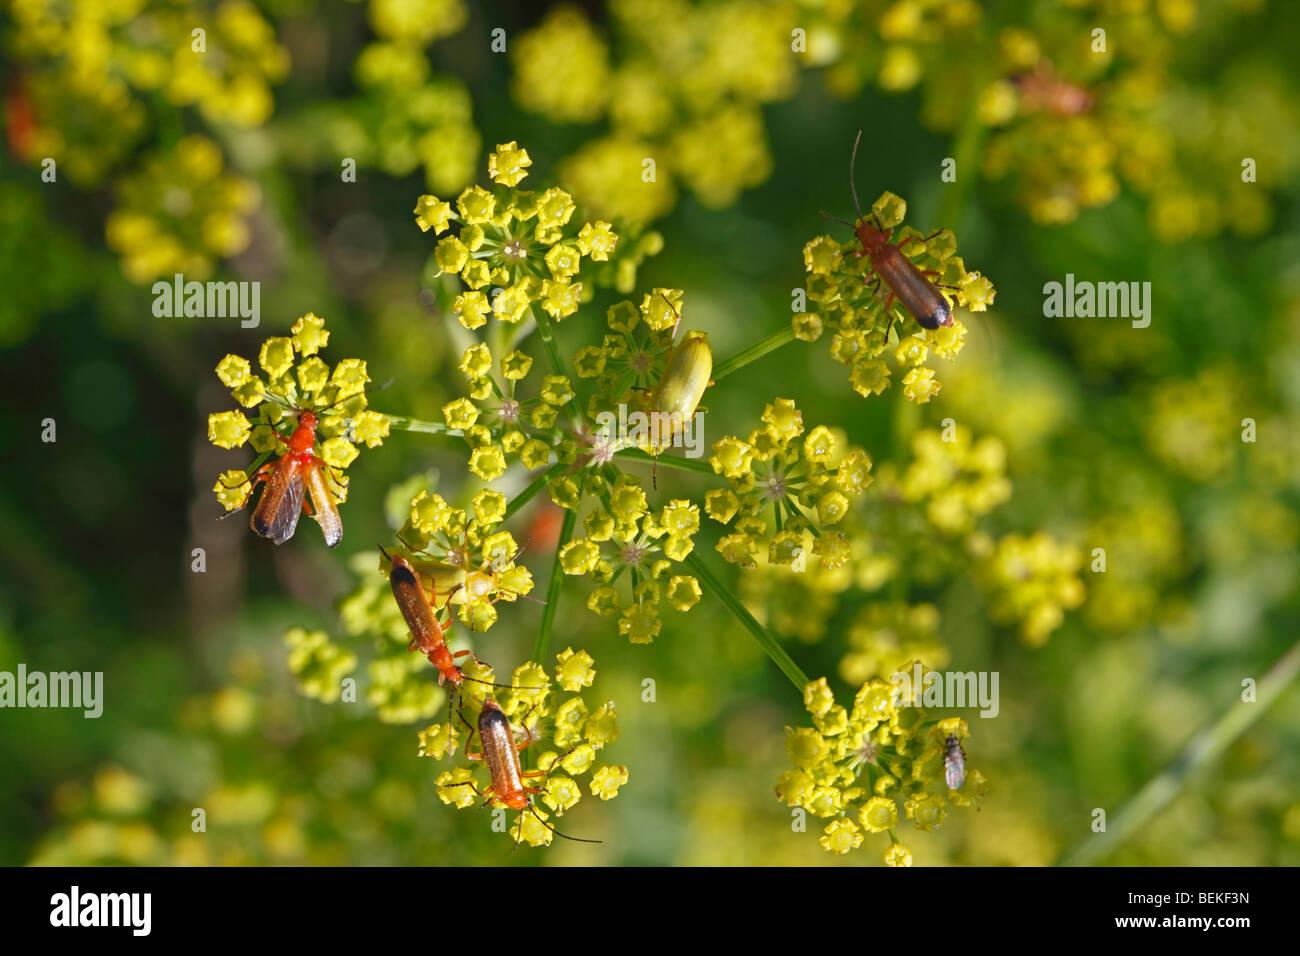 Soldat beetle et méligèthe sur panais sauvage fleur Photo Stock